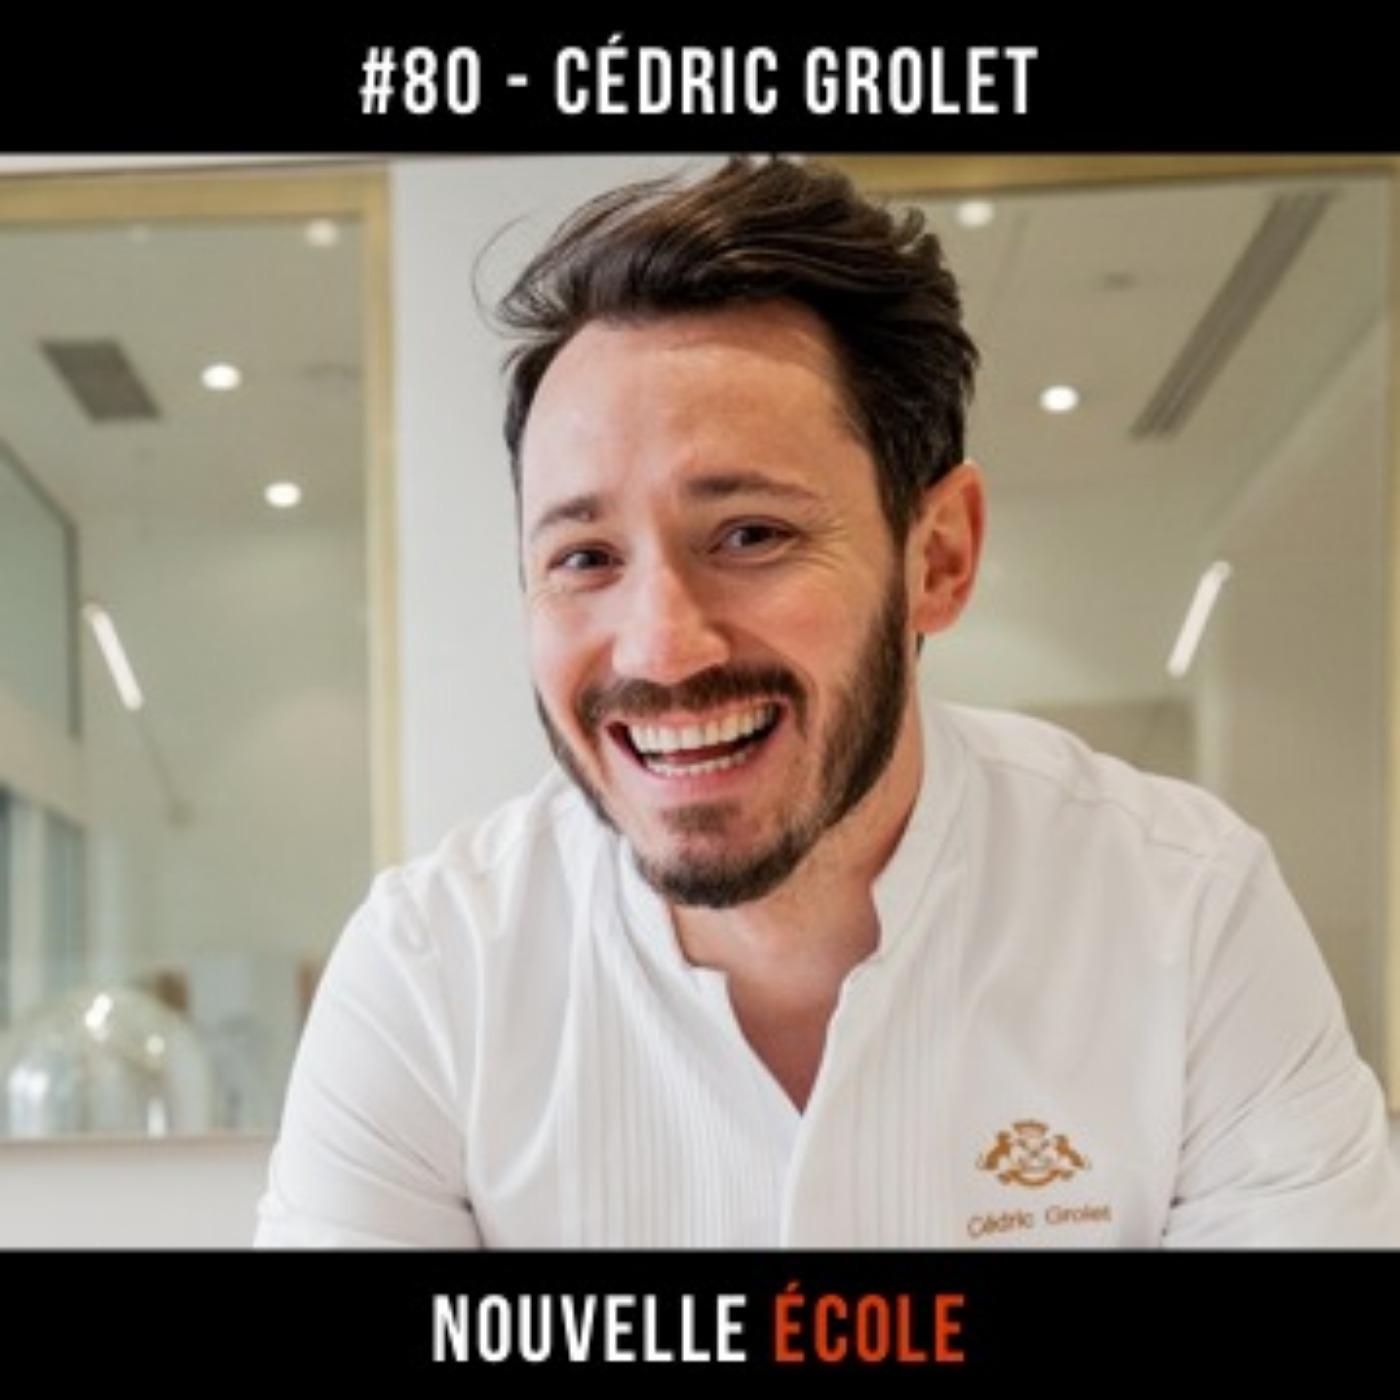 #80 - Cédric Grolet : Le meilleur chef pâtissier du monde